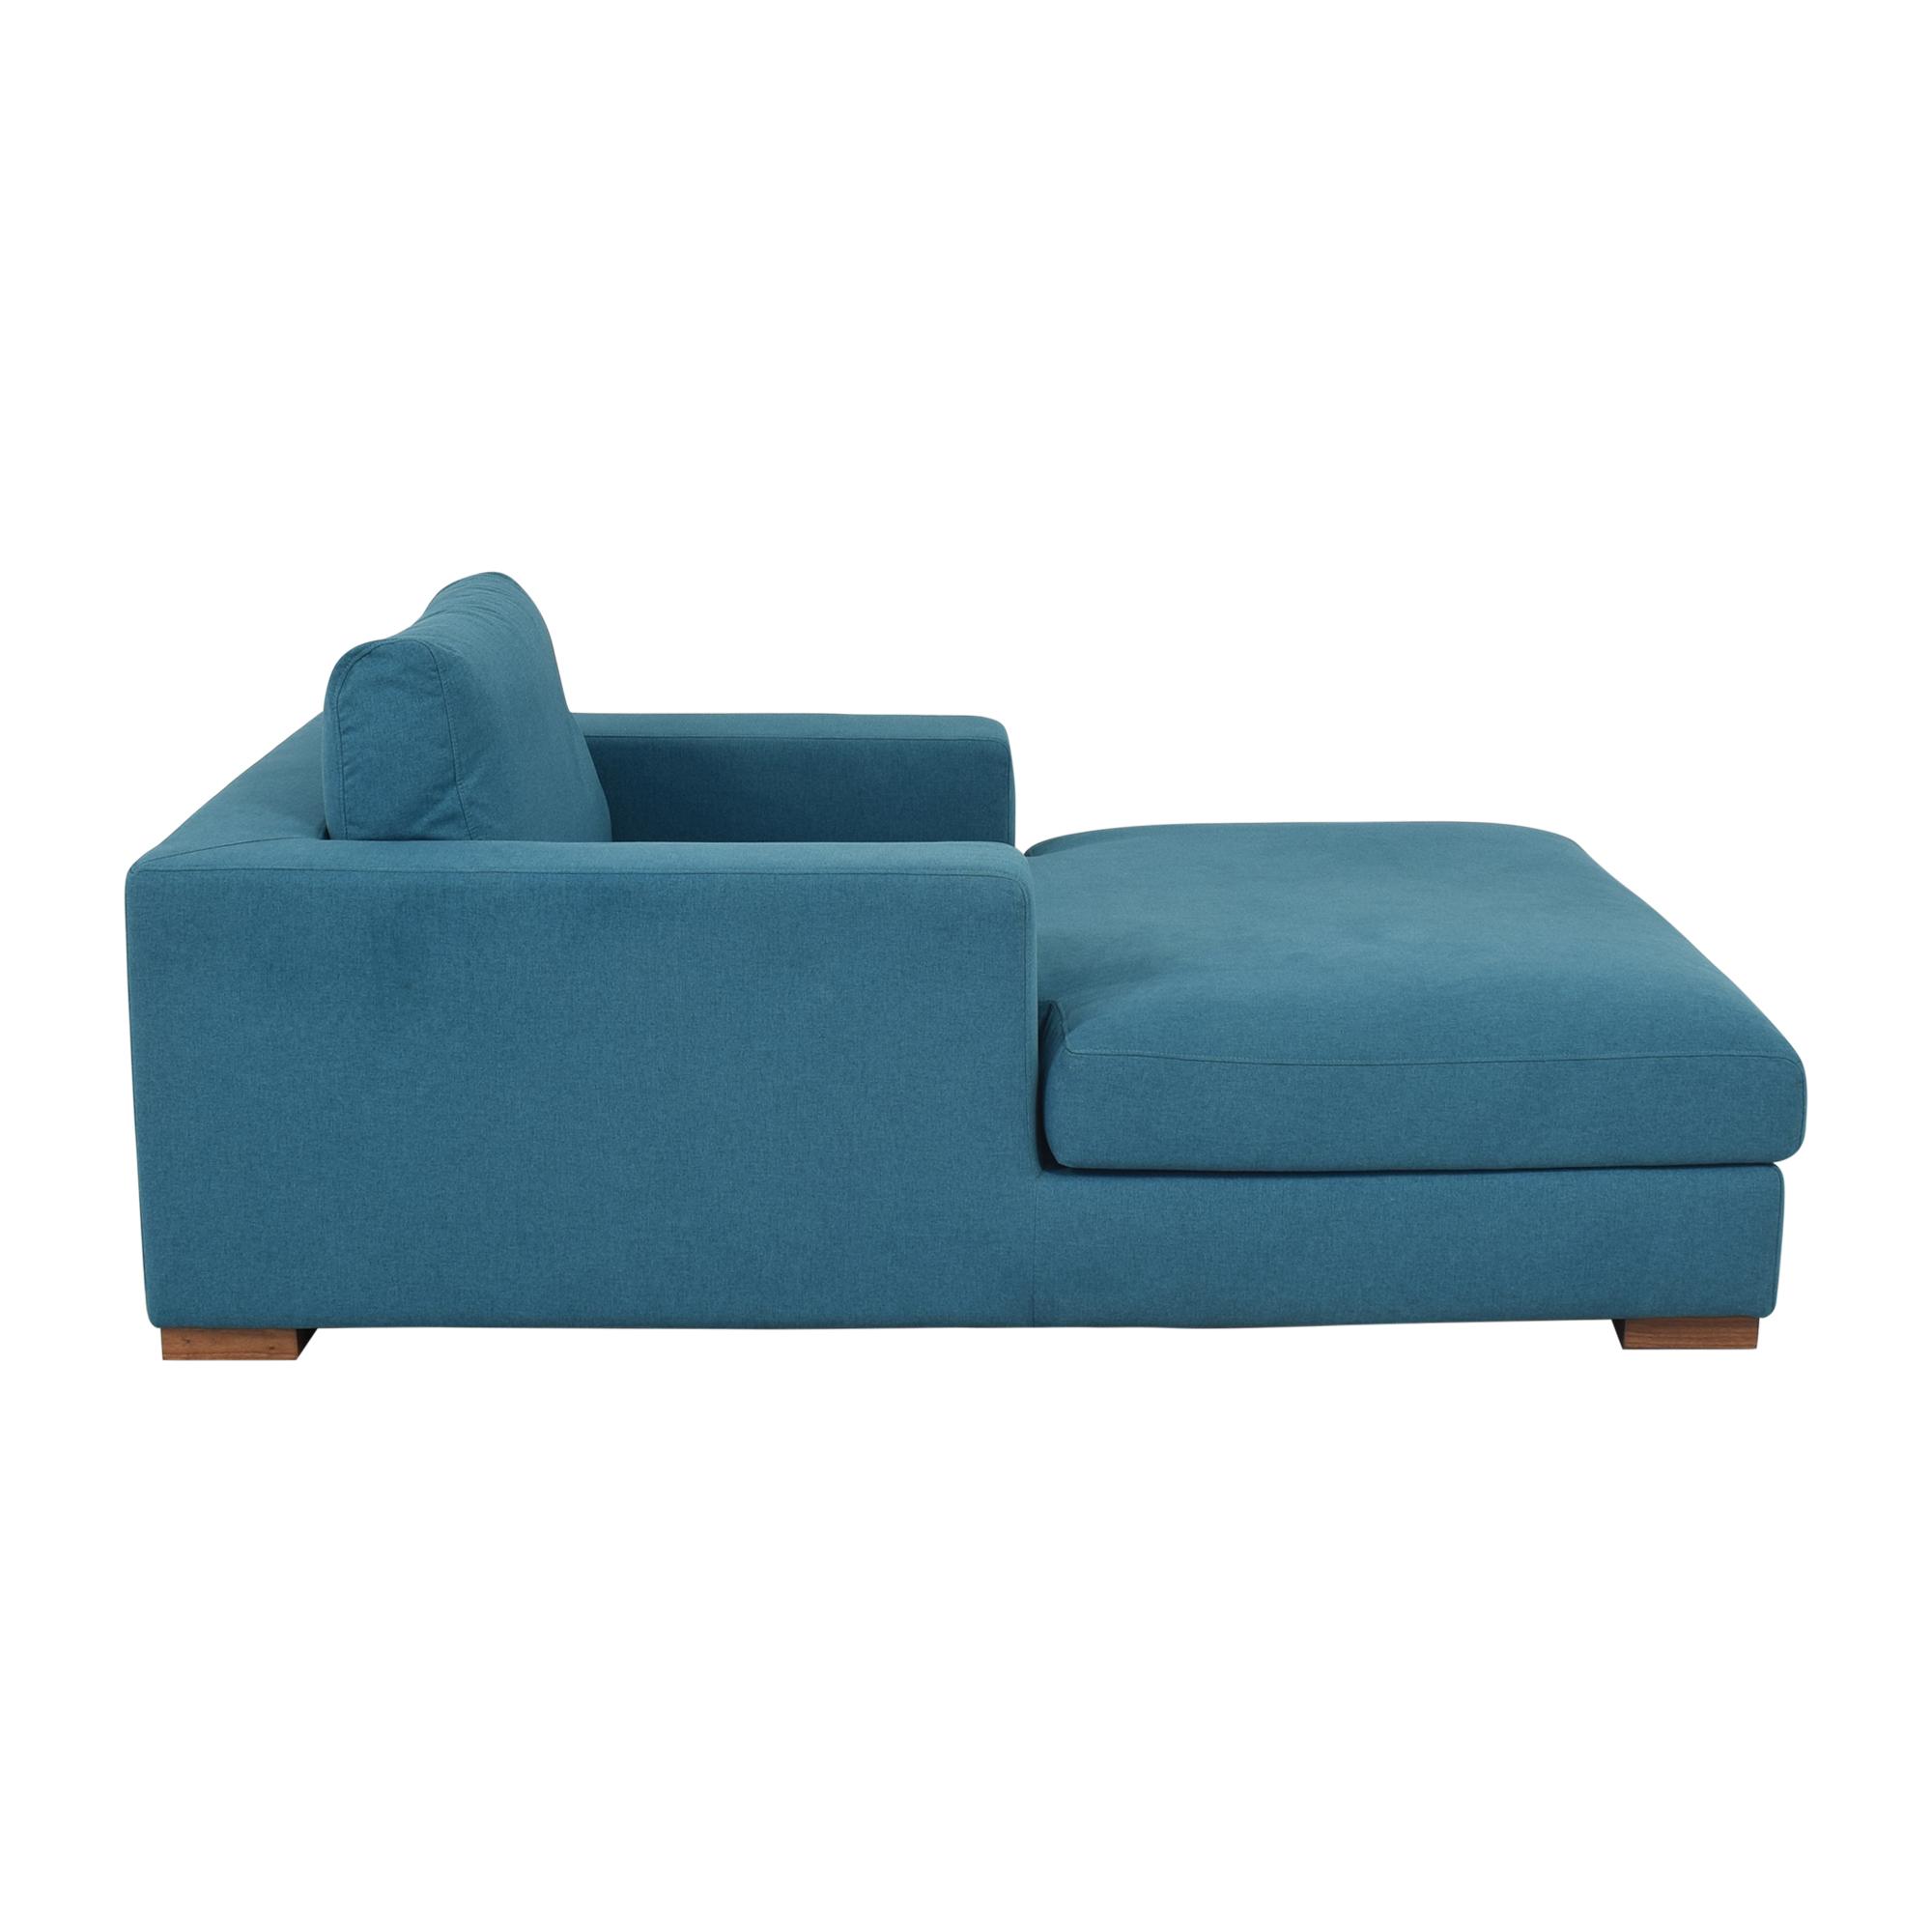 Interior Define Interior Define Chaise on sale